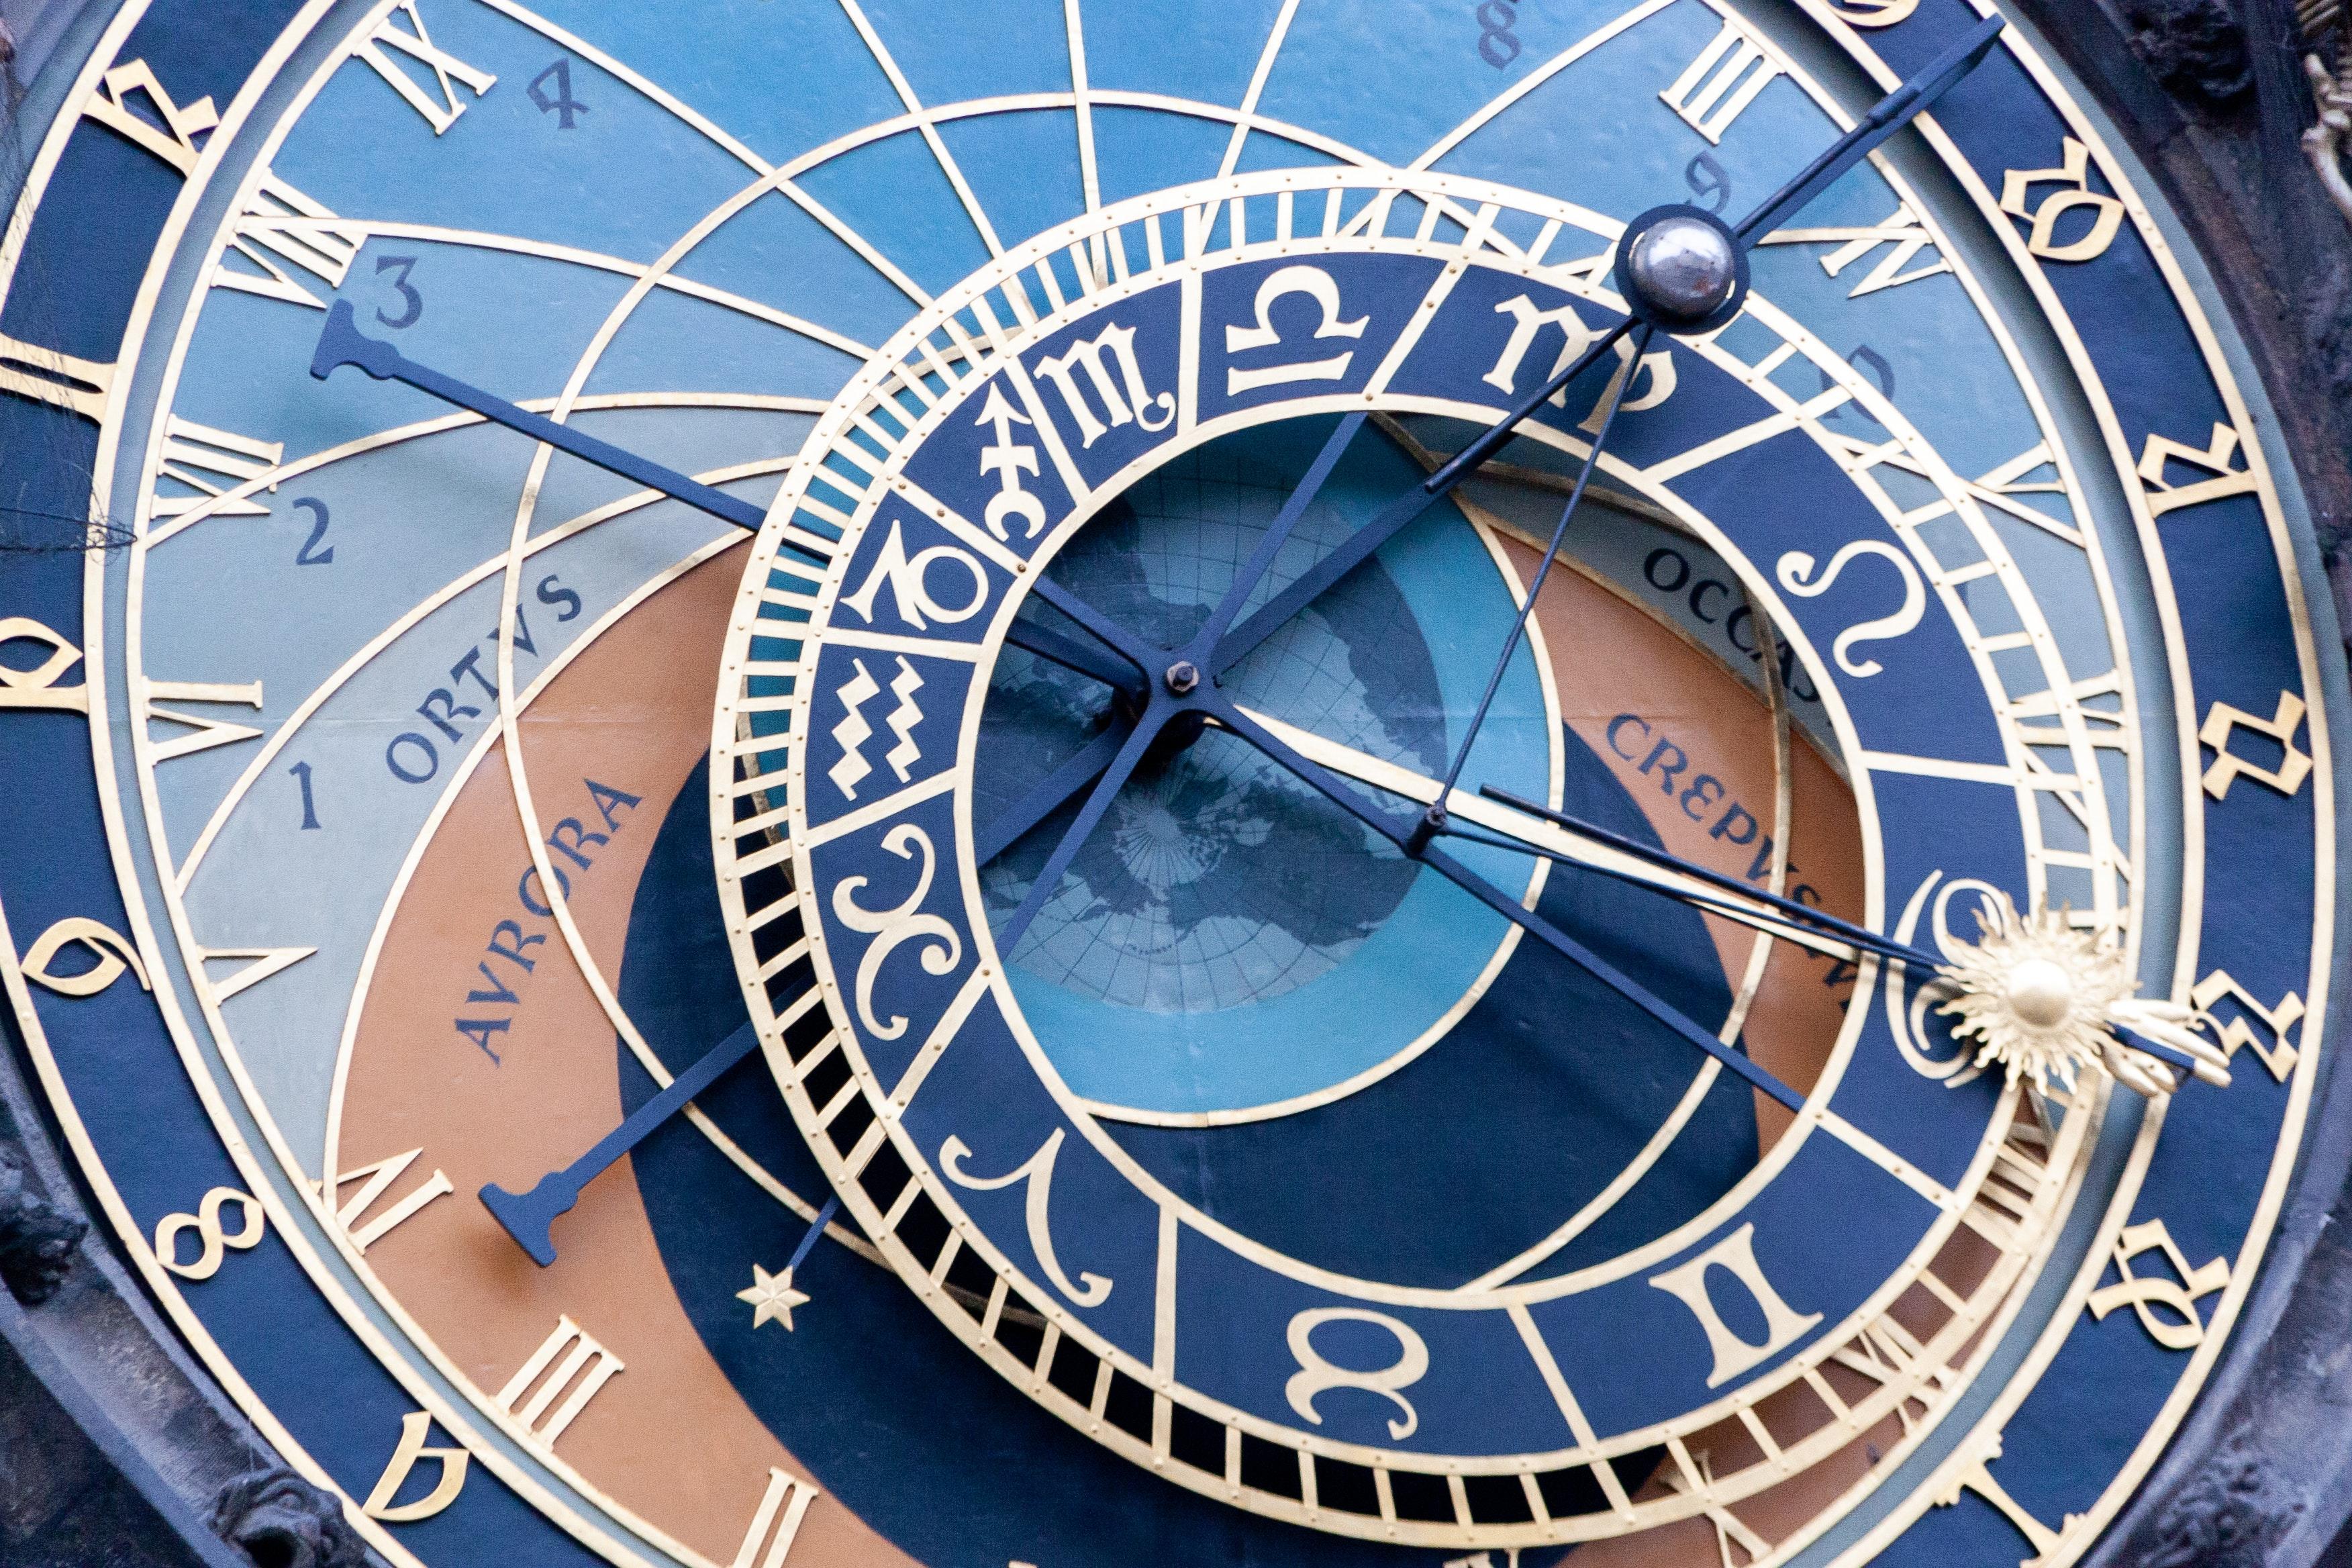 Ja me kë përshateni më shumë në lidhje sipas shenjës së horoskopit